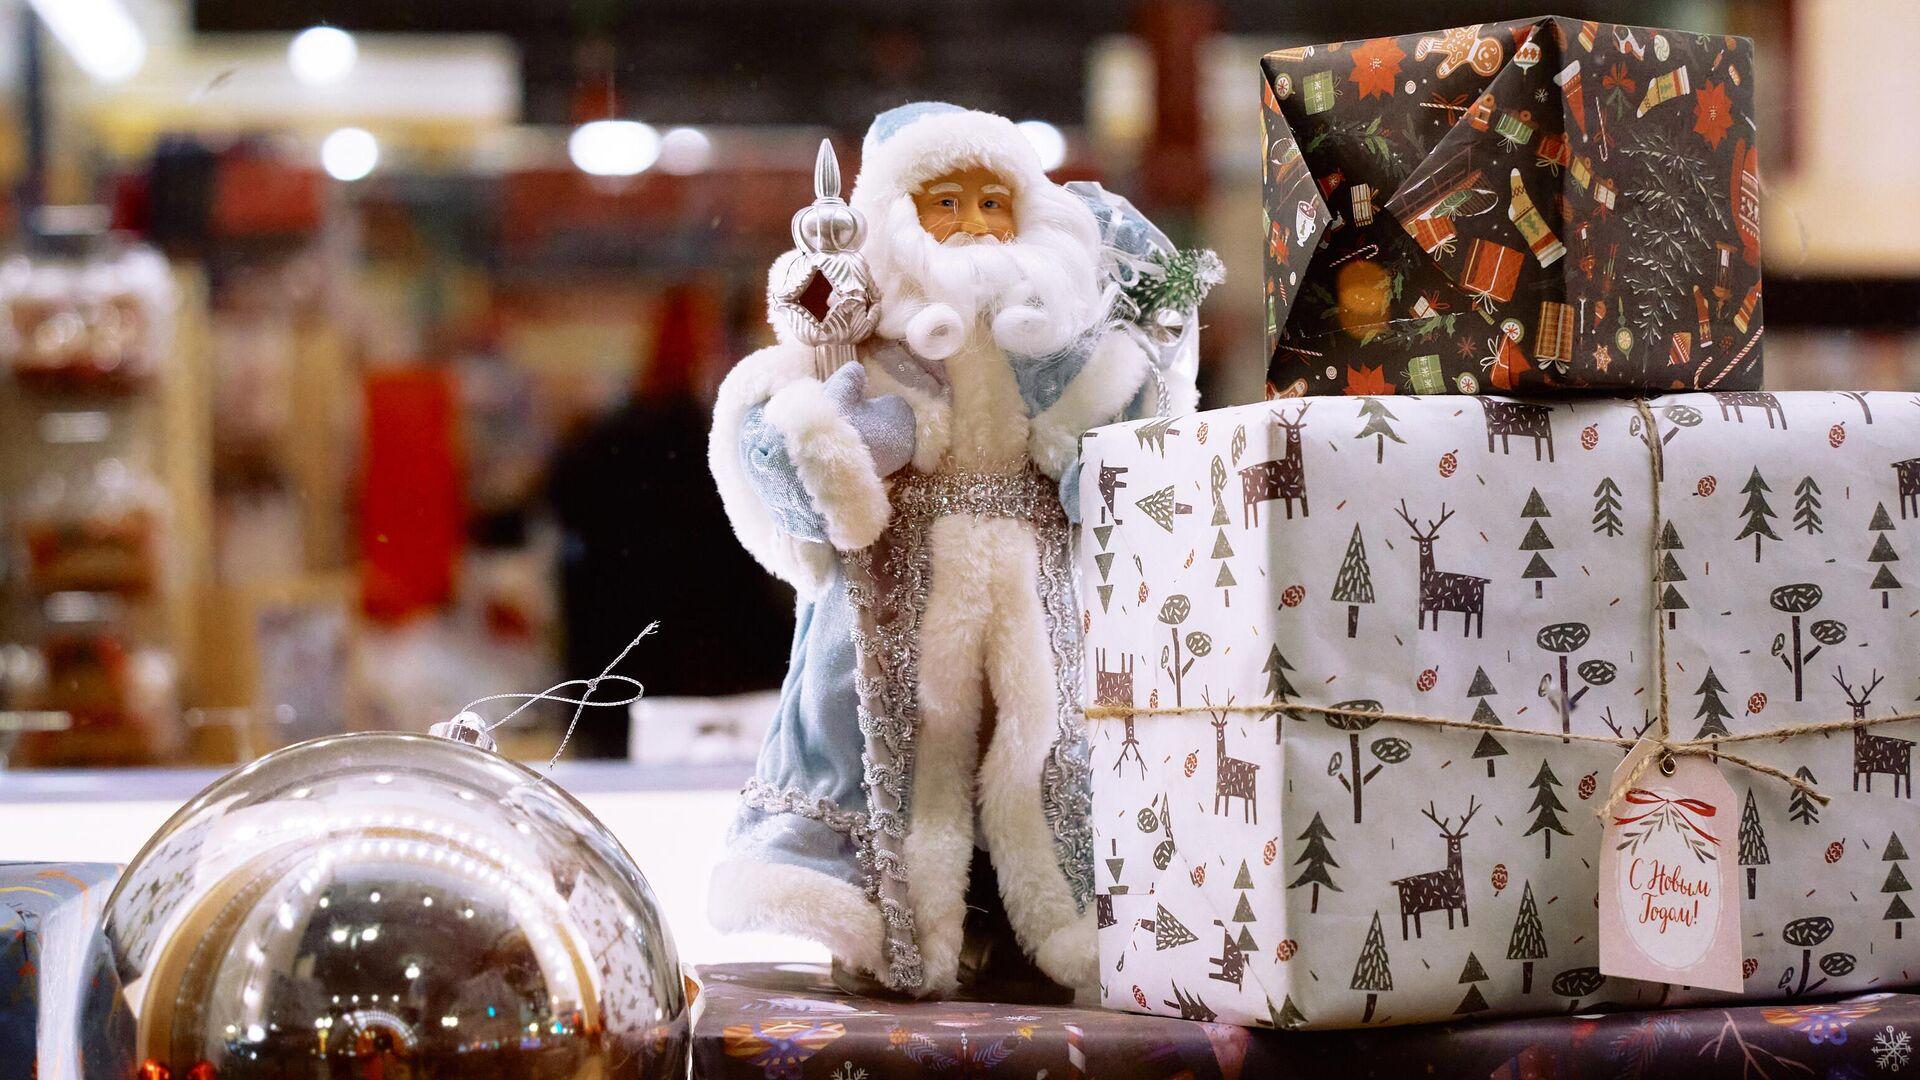 Елочные игрушки в витрине Дома Книги в Санкт-Петербурге - РИА Новости, 1920, 07.12.2020